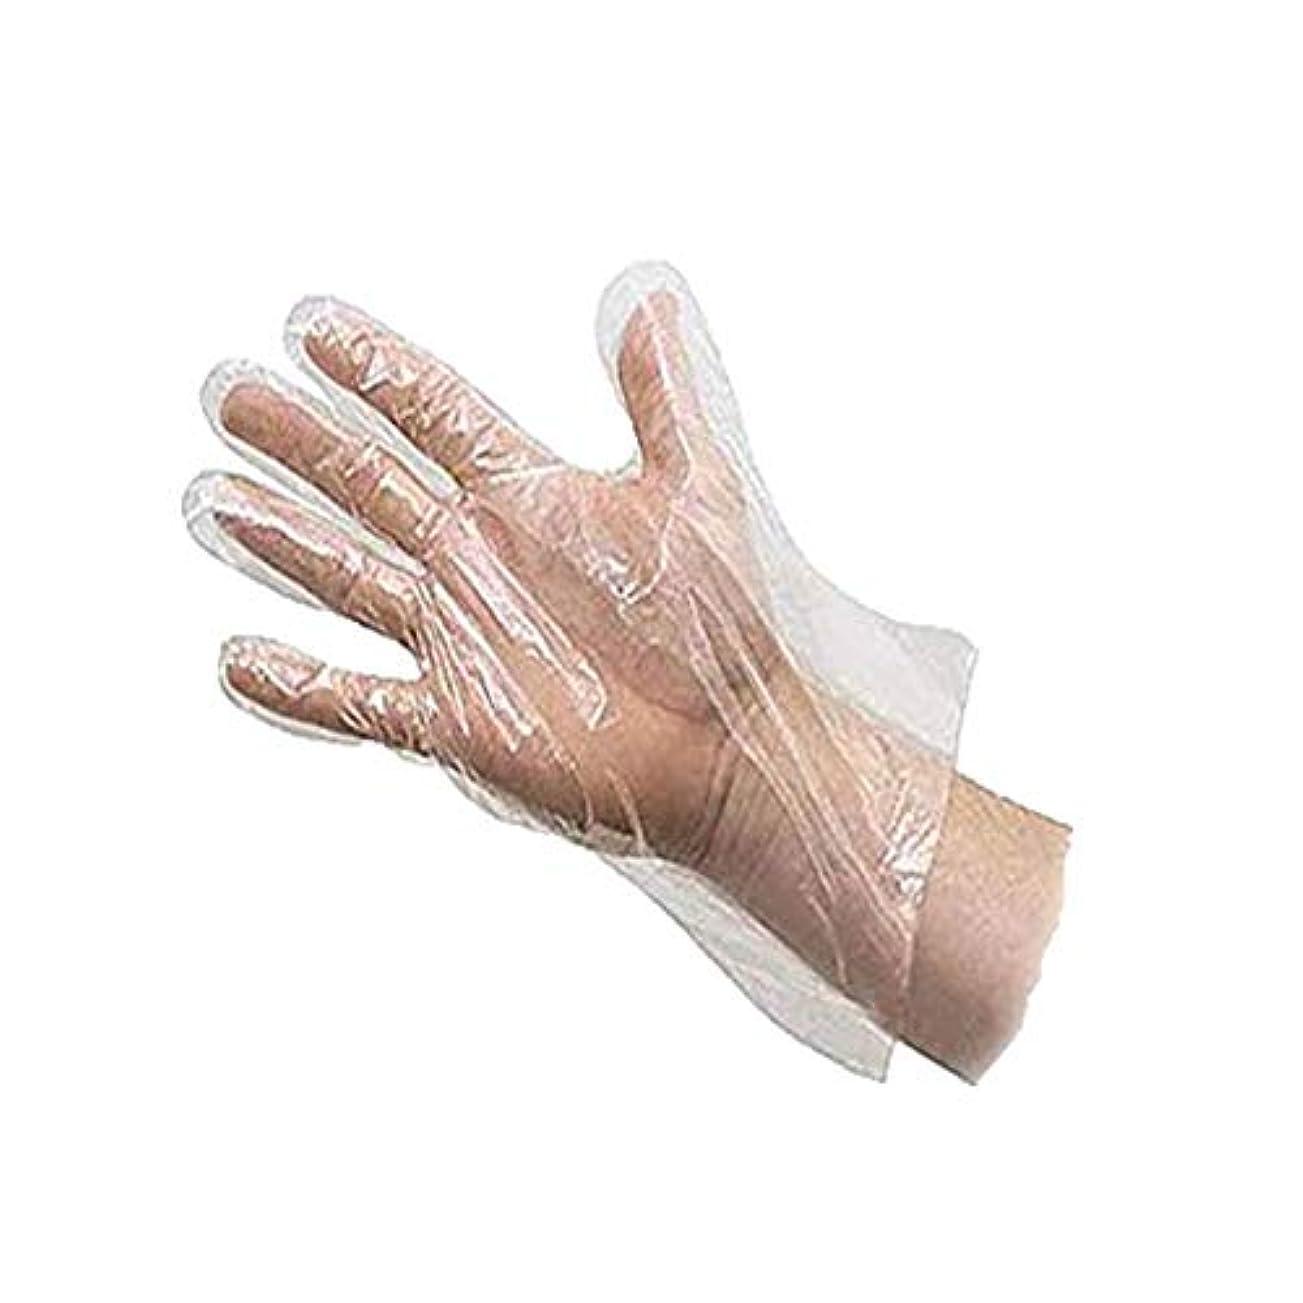 純粋にだます傷つけるOutflower 使い捨て手袋 調理用 食品 プラスチック ホワイト 粉なし 食品衛生 透明 左右兼用 薄型 ビニール極薄手袋 100枚入り